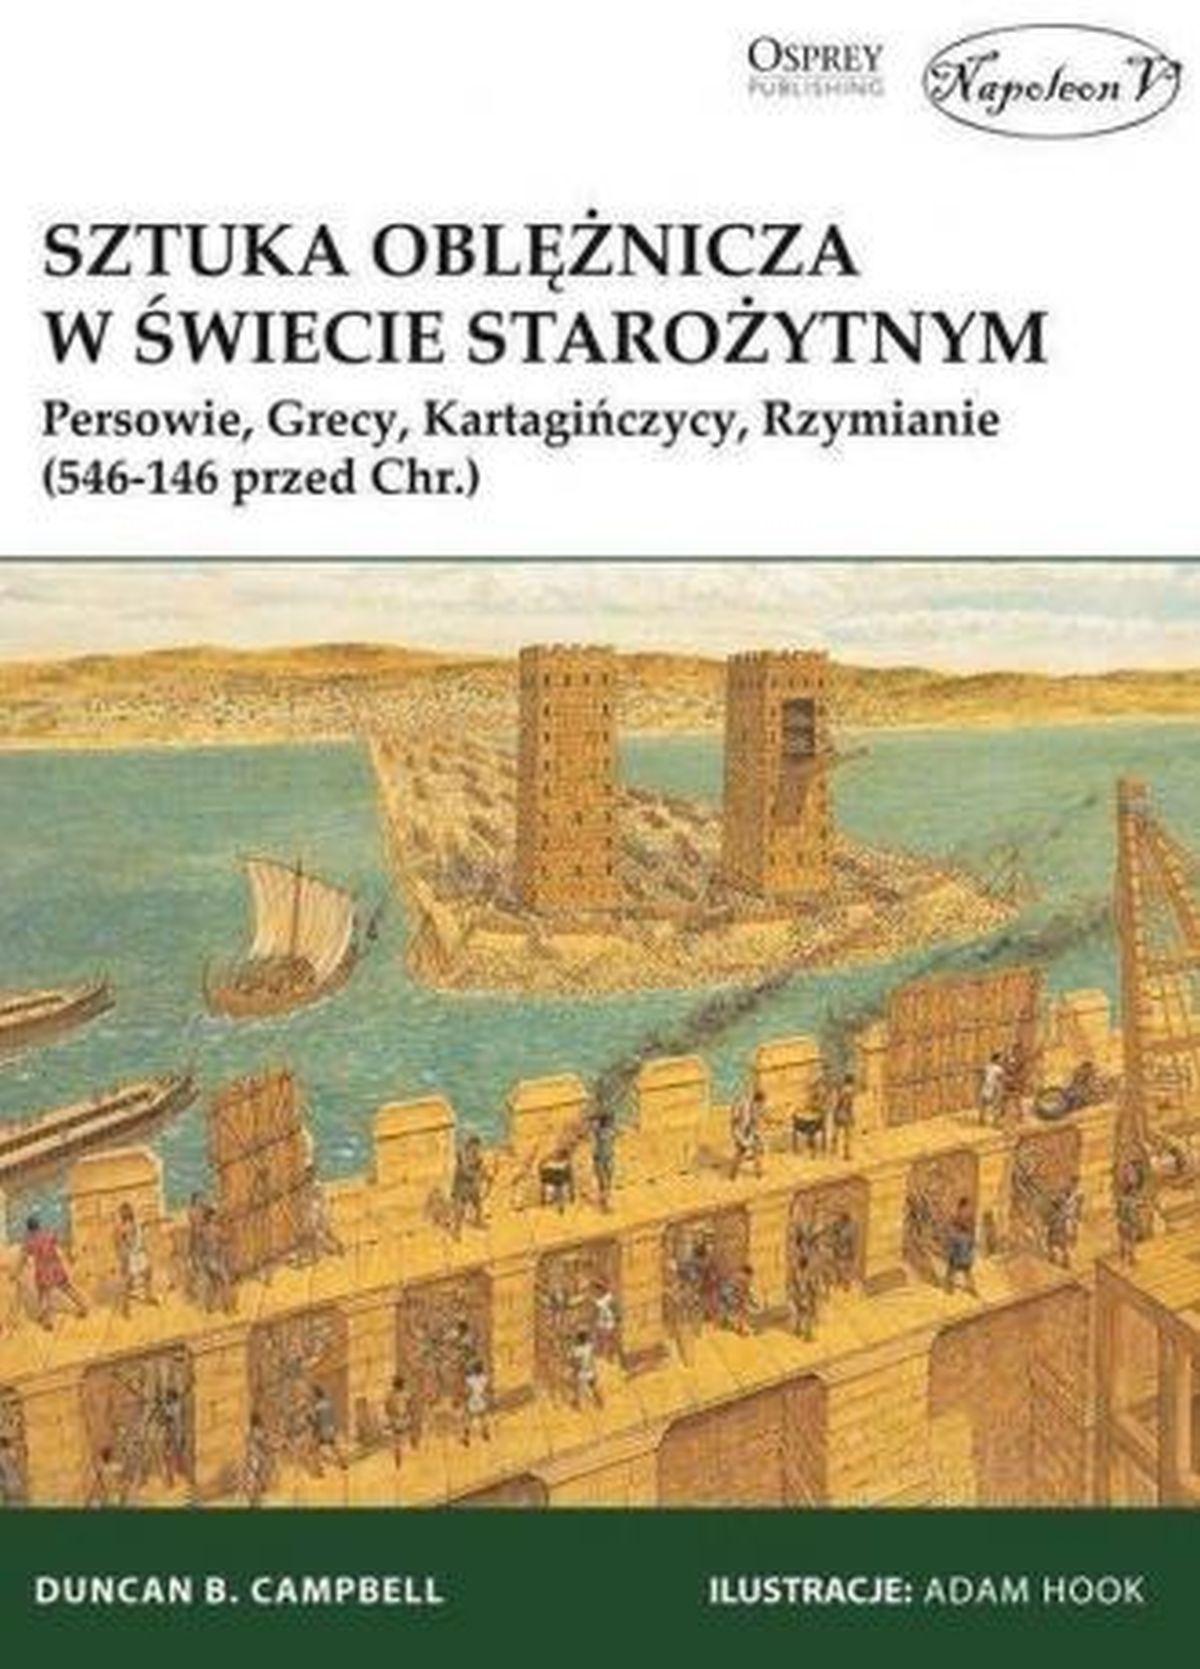 Sztuka oblężnicza w świecie starożytnym